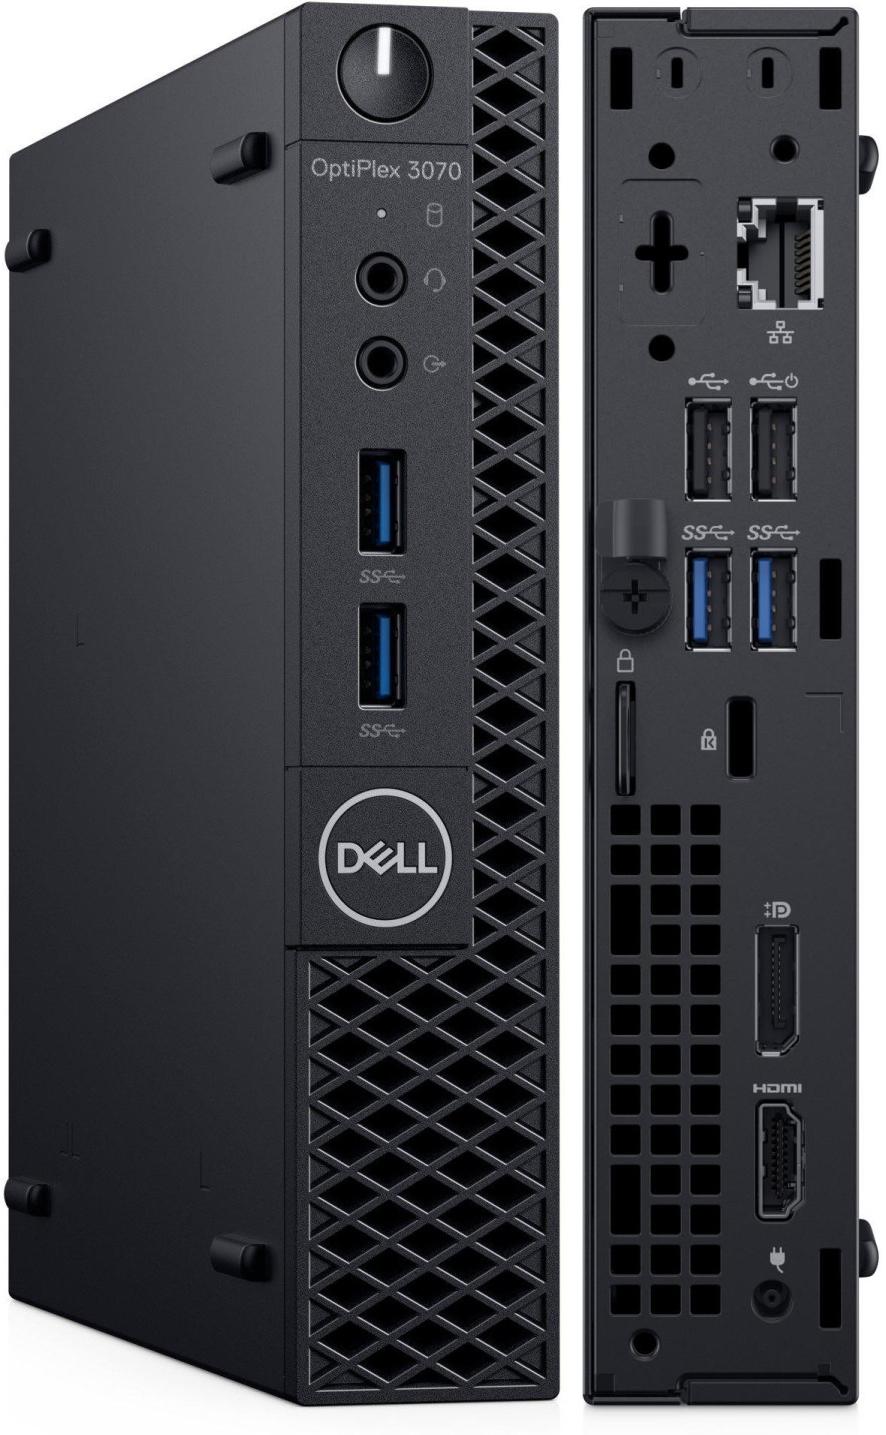 Dell OptiPlex-Angebote: z.B. Dell OptiPlex 3070 (i3-9100T, 8GB RAM, 256GB SSD, HDMI, DP, 4x USB 3.0, 2x USB 2.0, WLAN, LAN, BT, Win10 Pro)